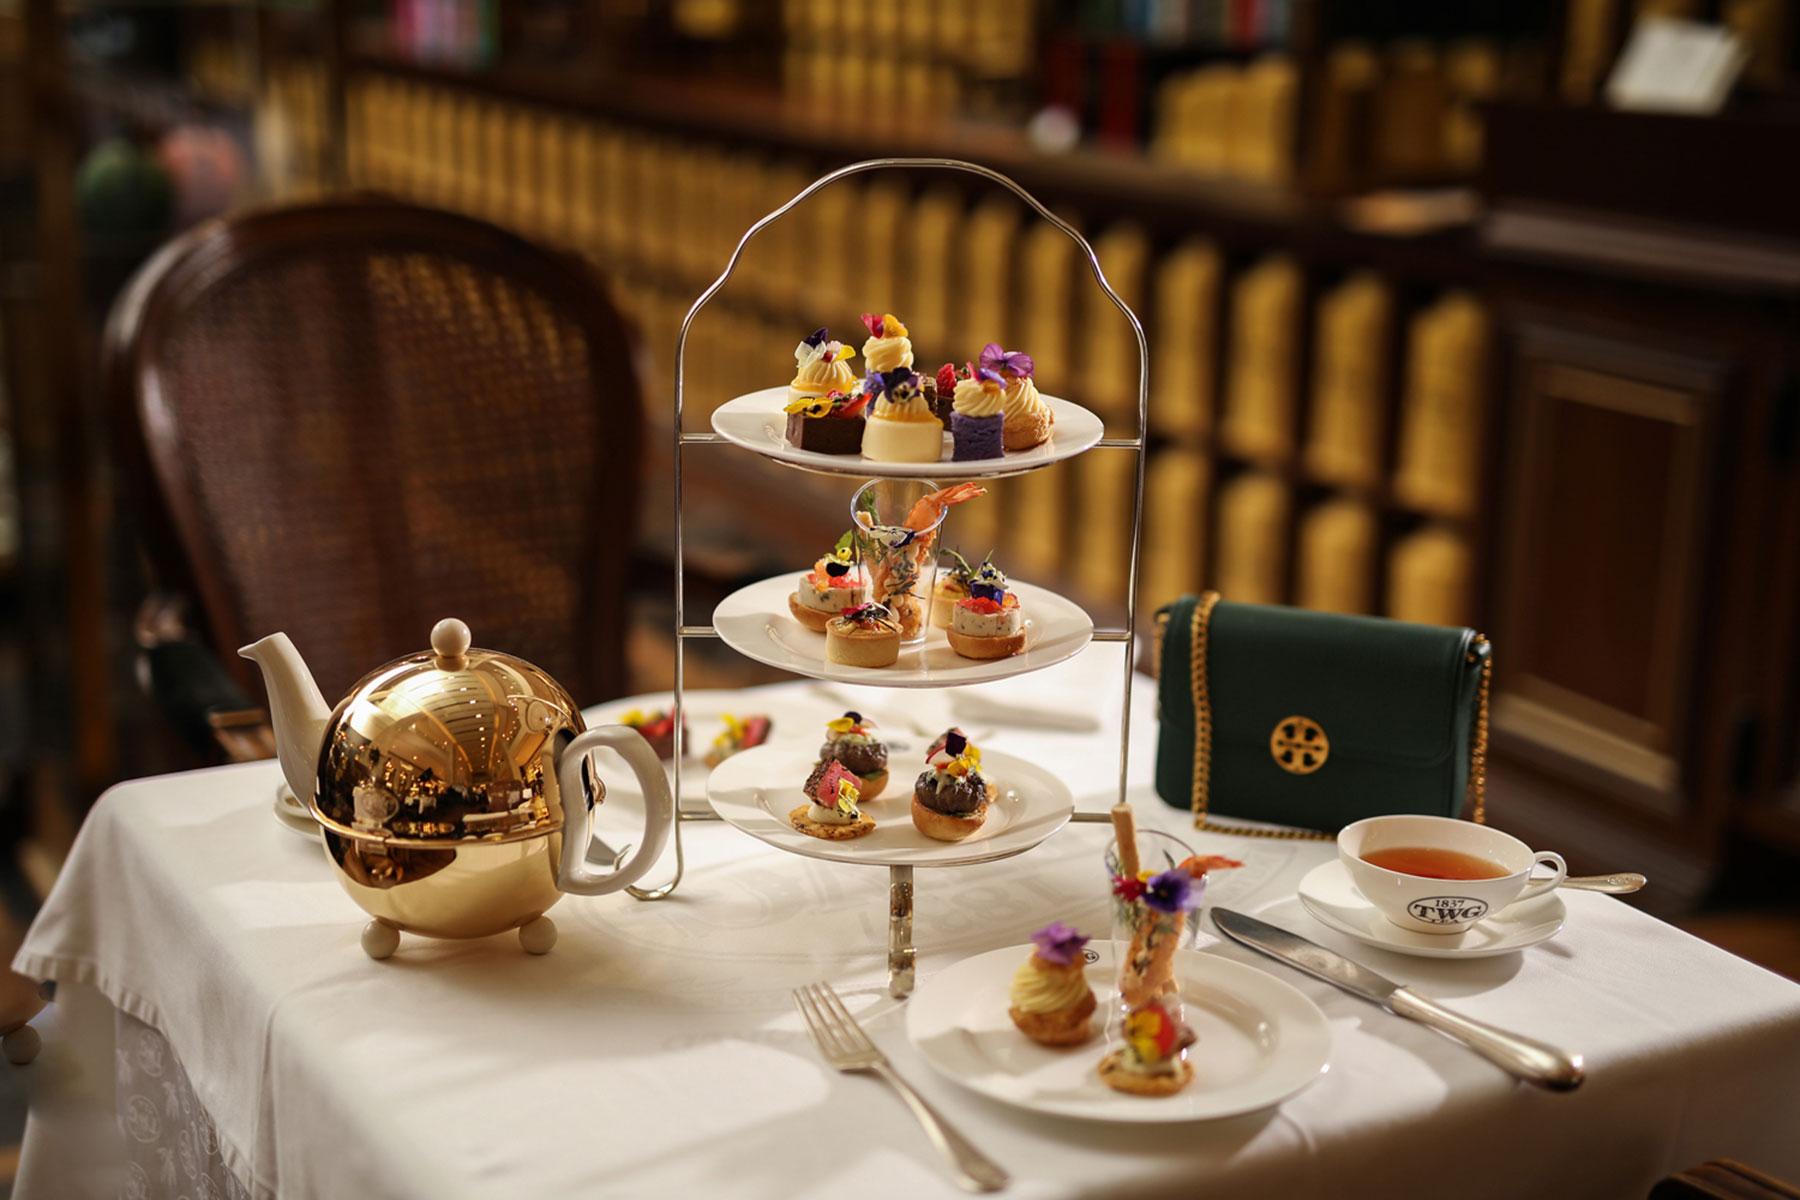 Tory Burch X Twg Tea S High Tea Set Is What Your Instagram